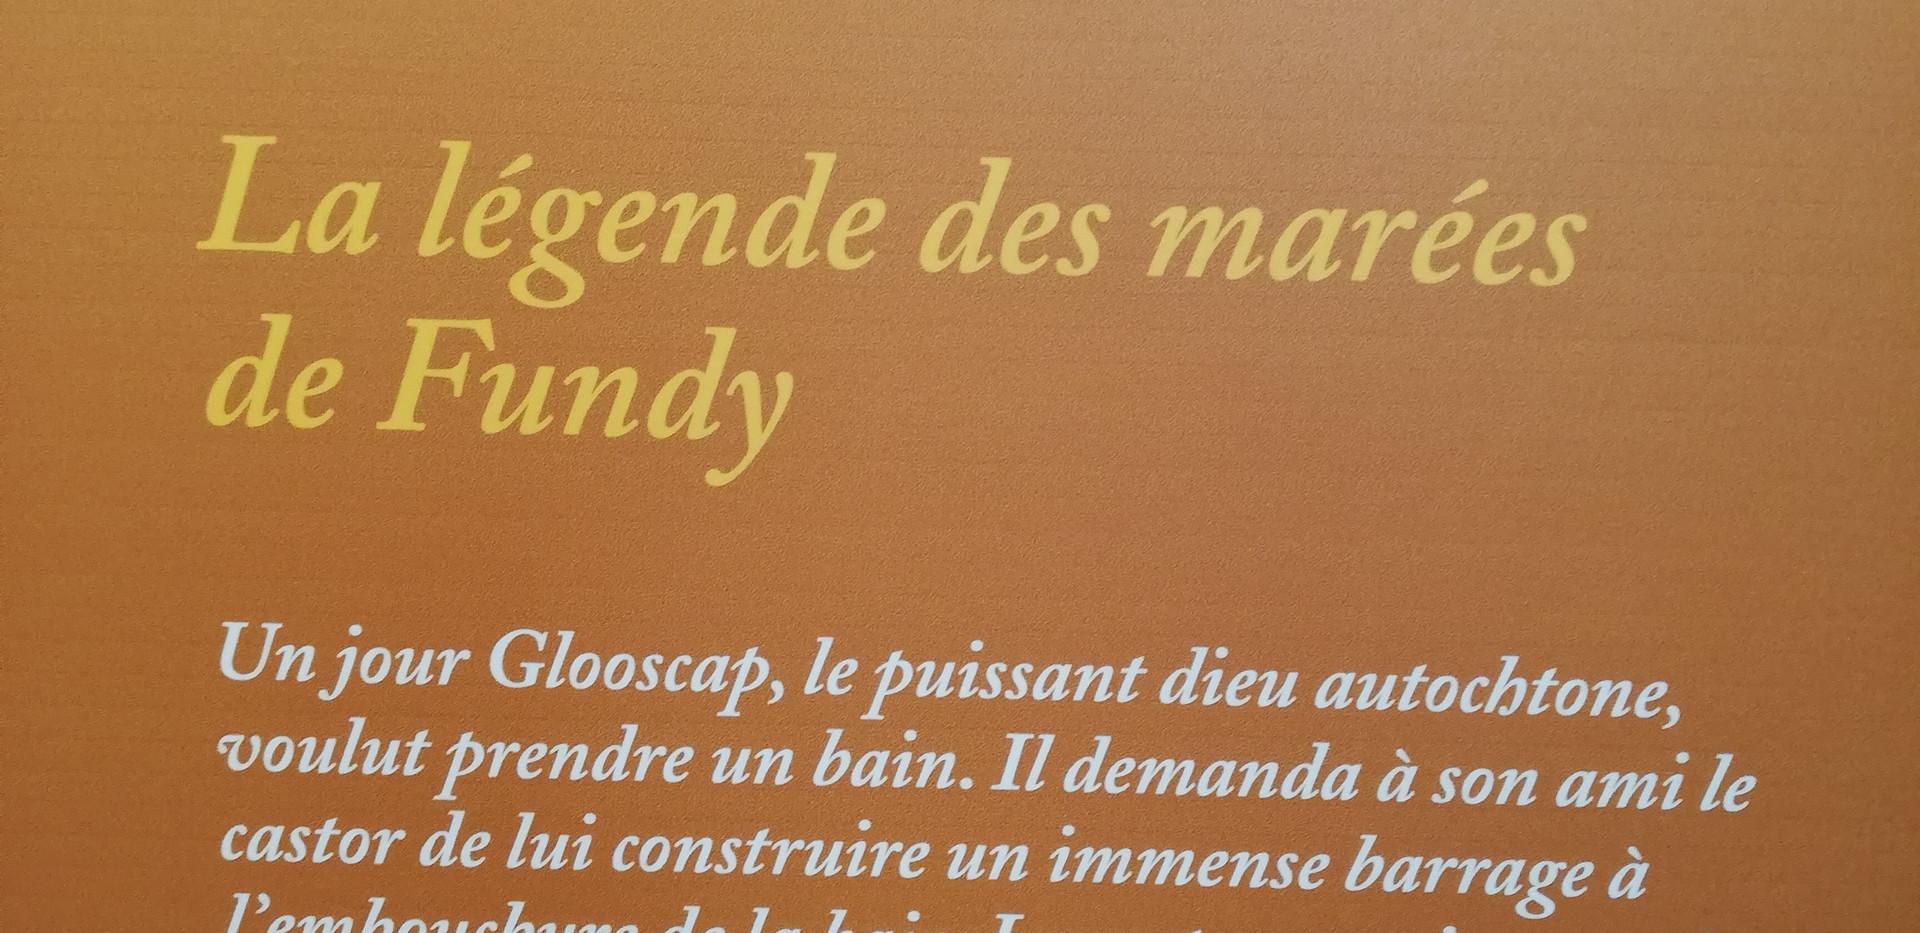 Marée_de_la_Baie_de_fundy.jpg